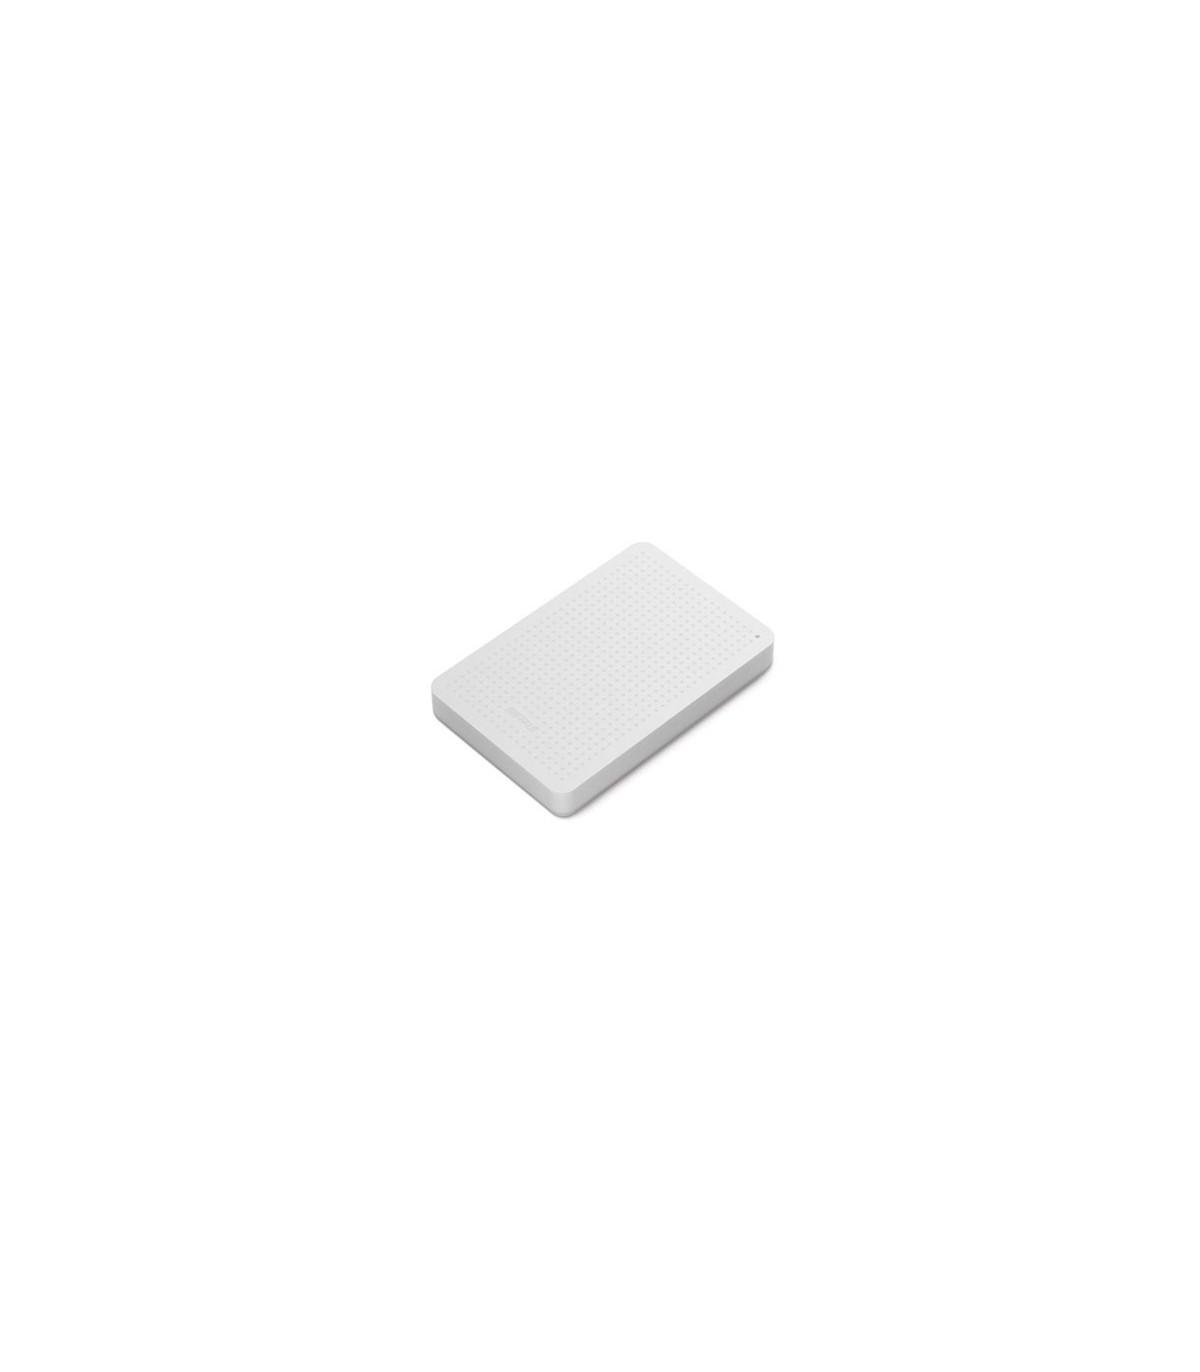 هارد اکسترنال بوفالو 2 ترابایت HD-PCFU3: MiniStation Portable Hard Drive